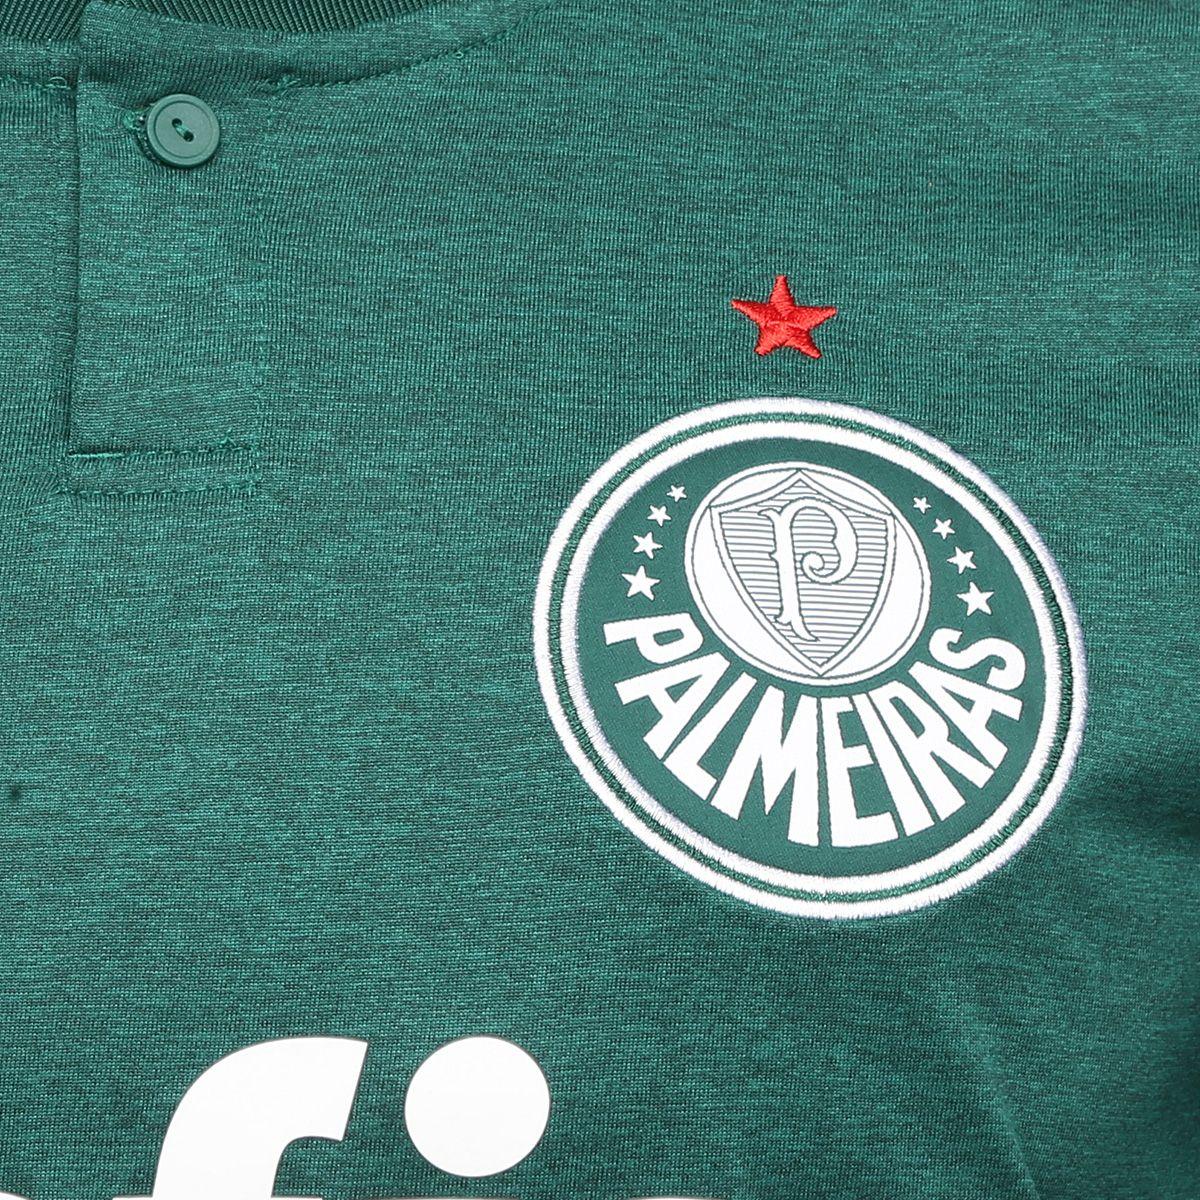 60b441d13 Camisa Palmeiras I 2018 s/n° Torcedor Adidas Masculina - Verde e ...